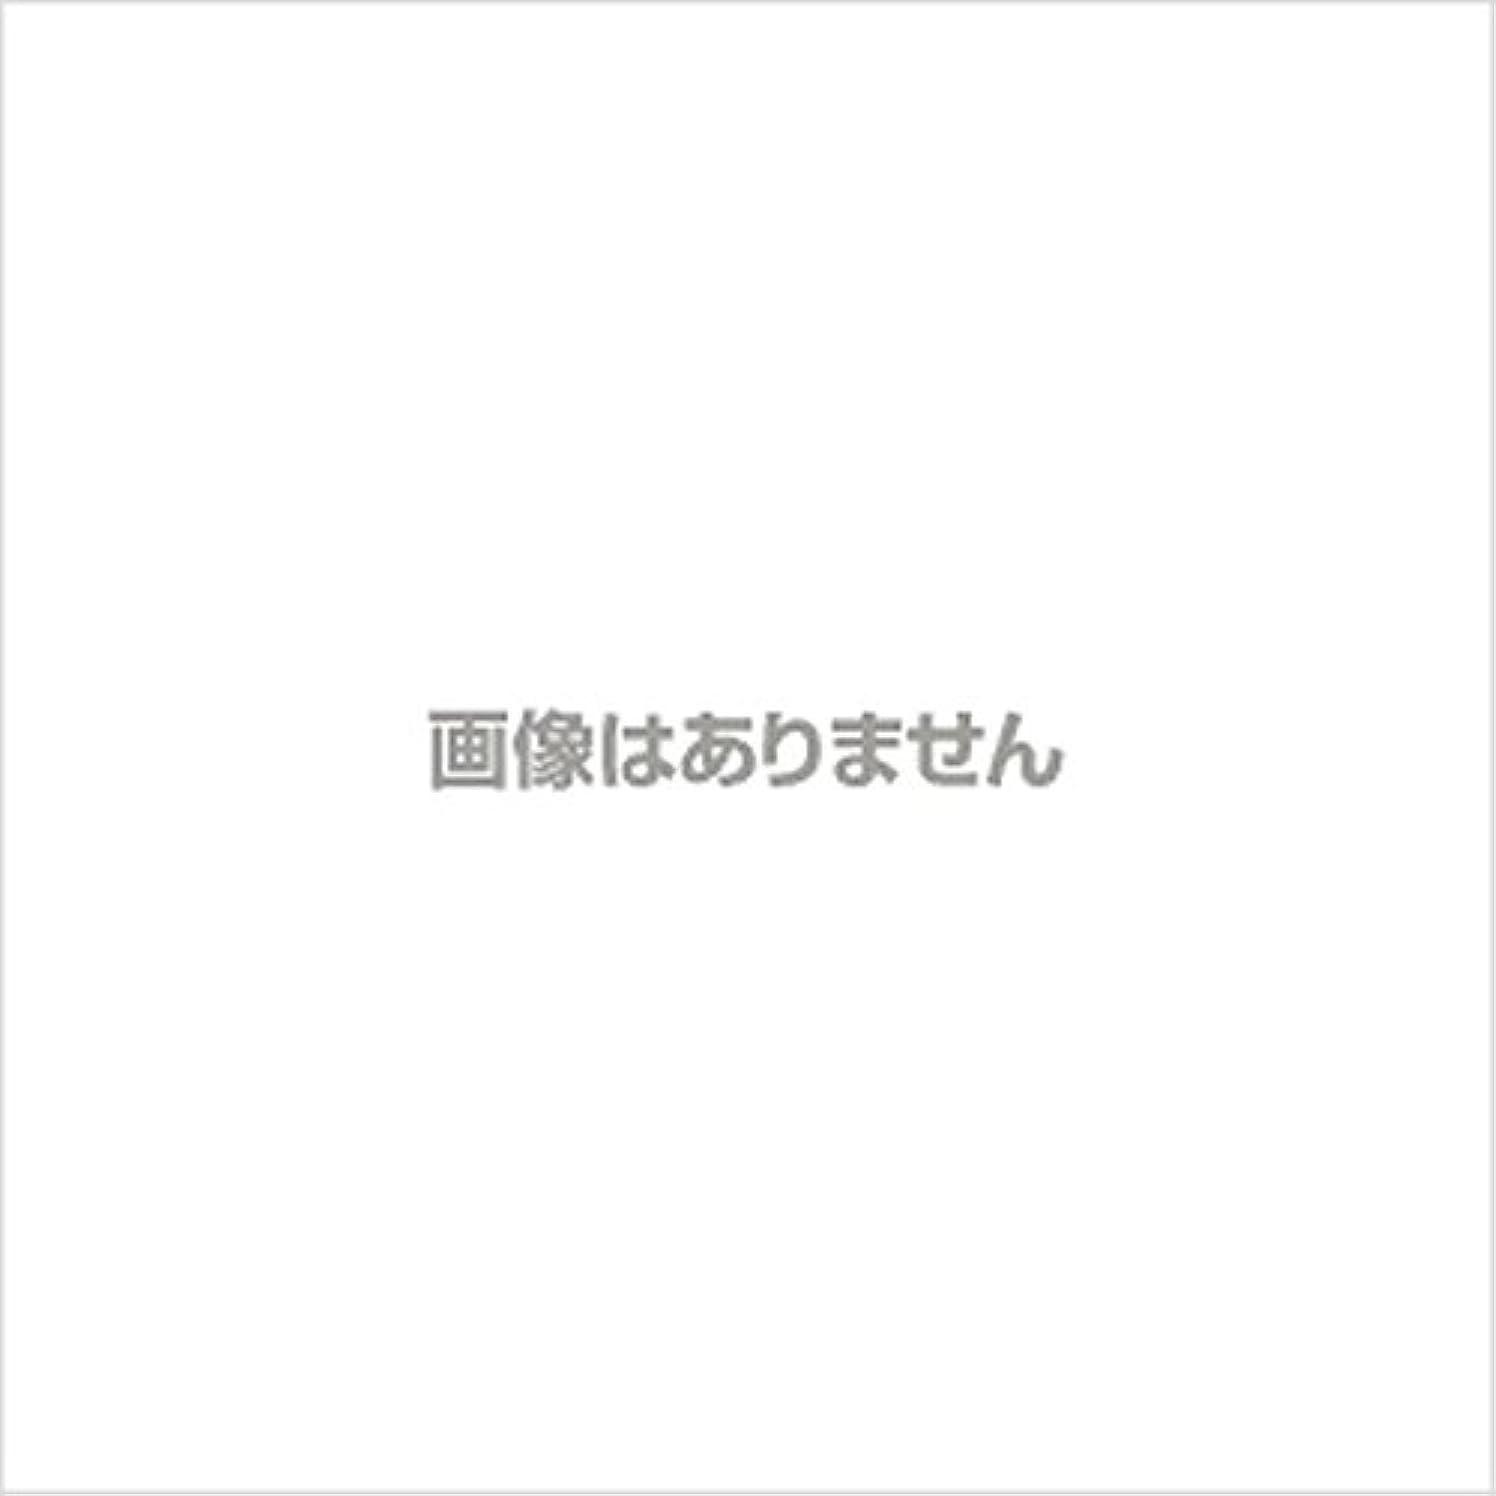 ボリューム生き残ります密輸【新発売】EBUKEA エブケアNO1002 プラスチックグローブ(粉付)Mサイズ 100枚入(極薄?半透明)